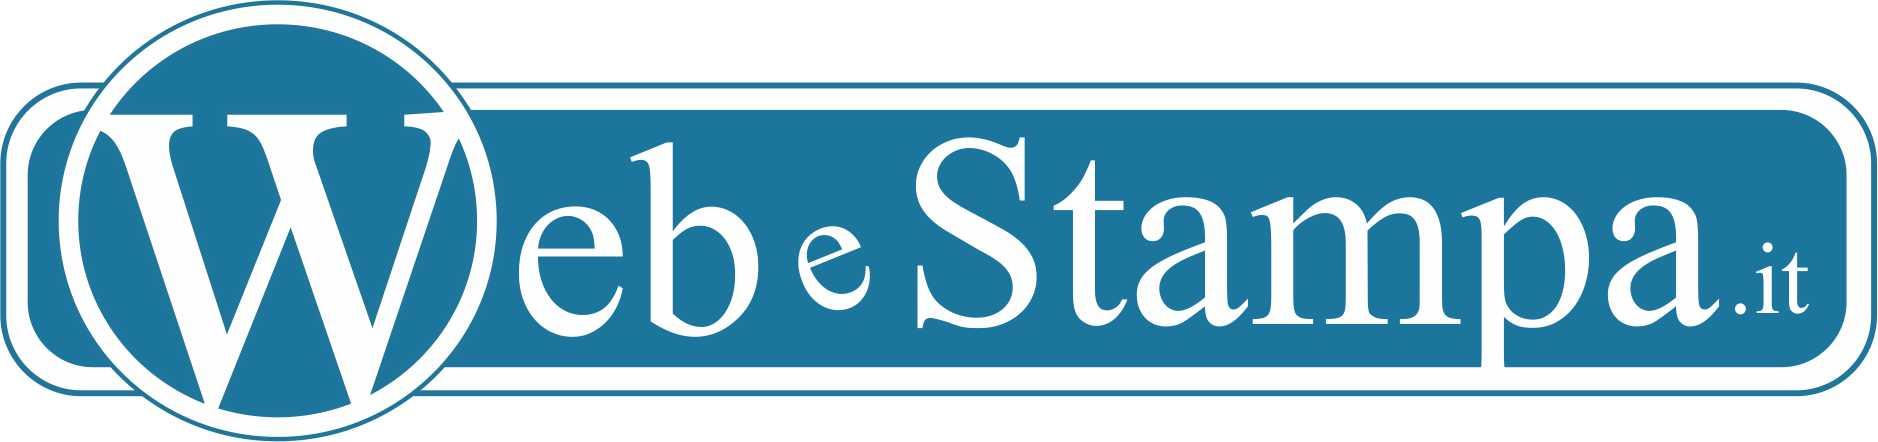 Webestampa